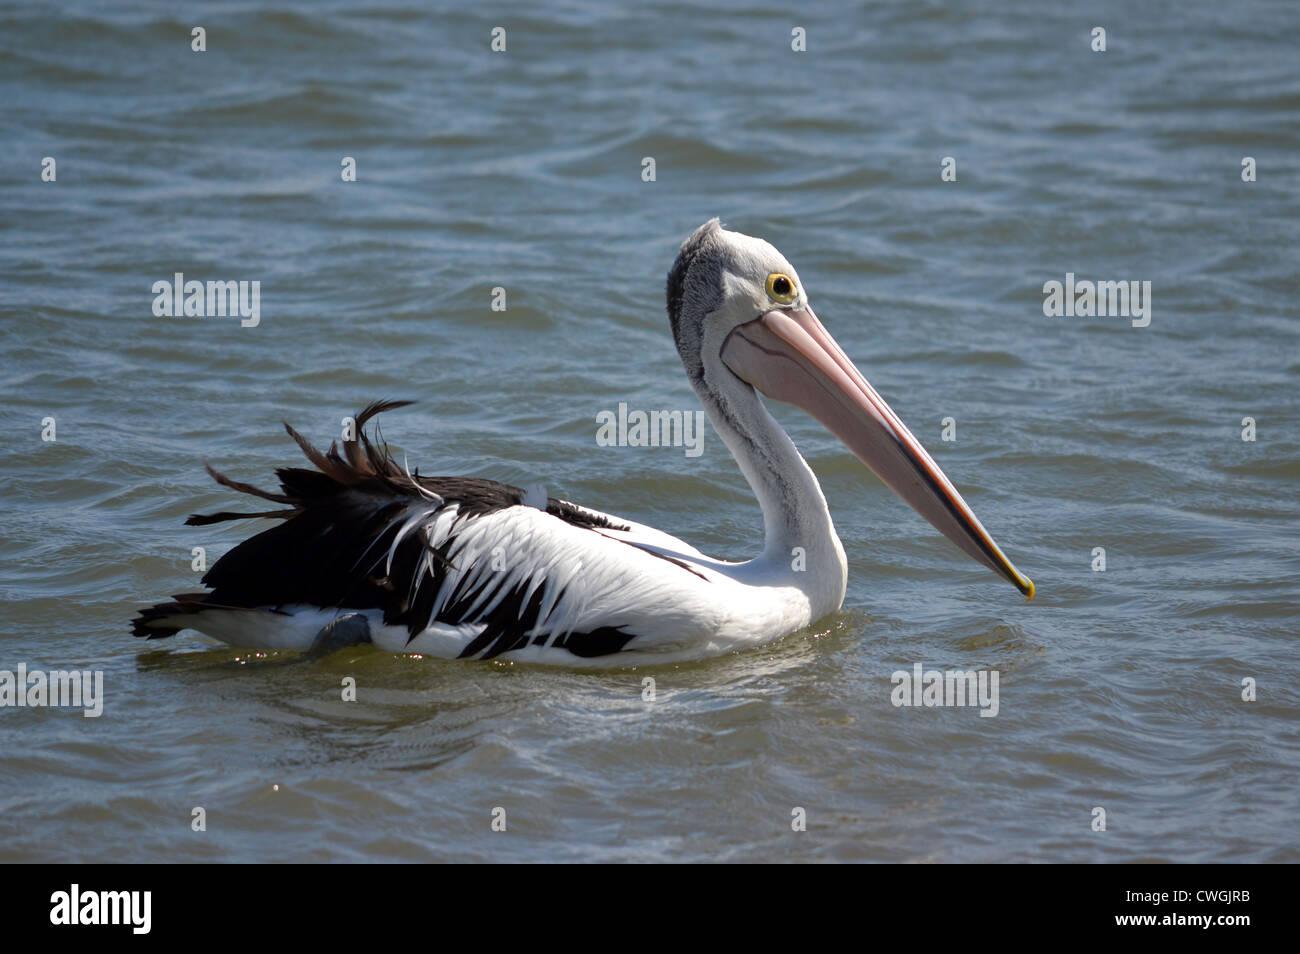 Pelican cruising along the shoreline - Stock Image